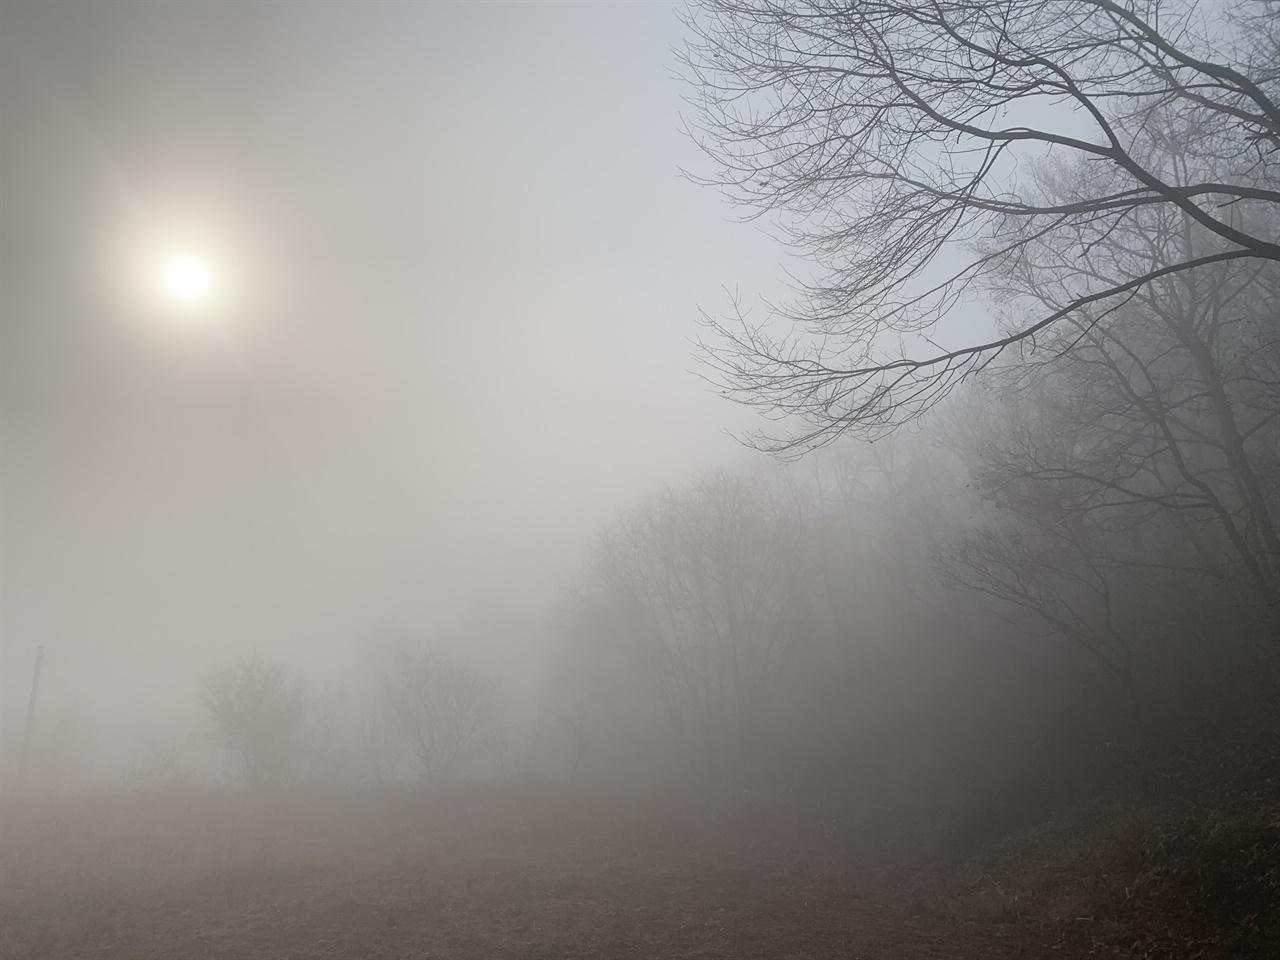 안개 짙은 산속 아침 풍경 아침에 눈을 떠보니 온세상이 하얬다. 마치 구름에 잠긴듯.